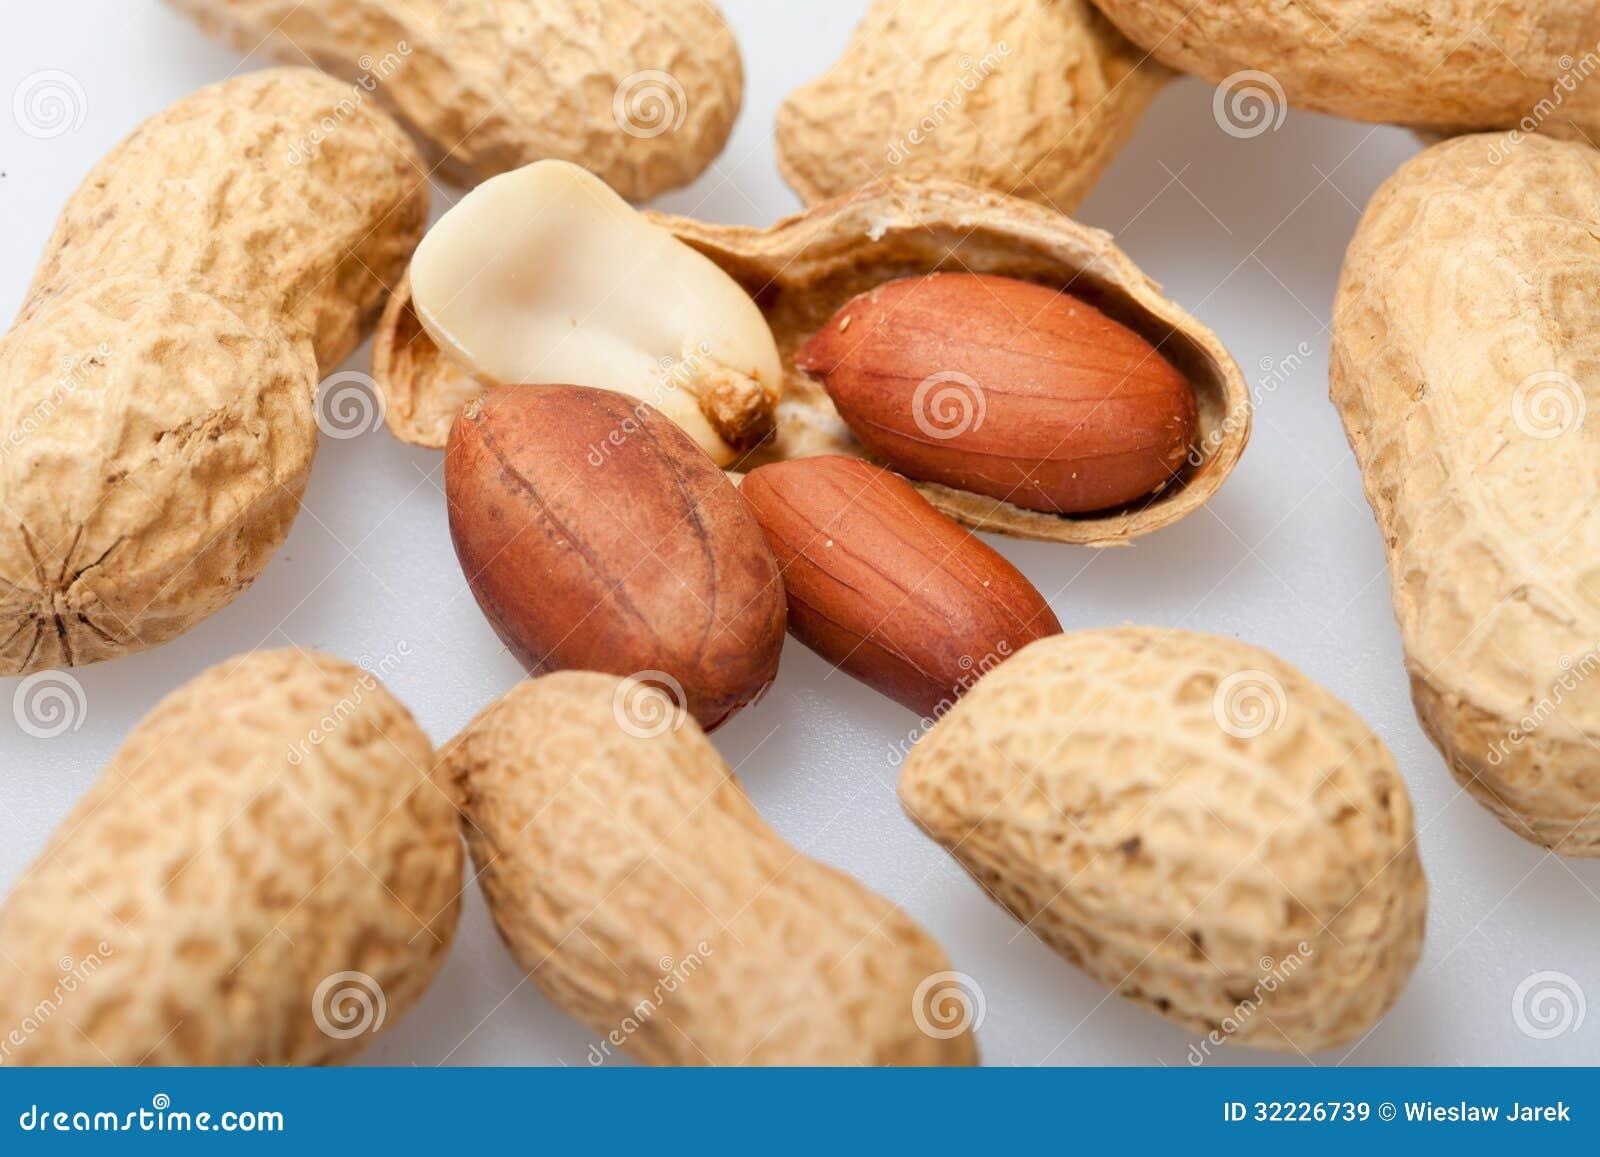 Download Amendoins secados imagem de stock. Imagem de alimento - 32226739